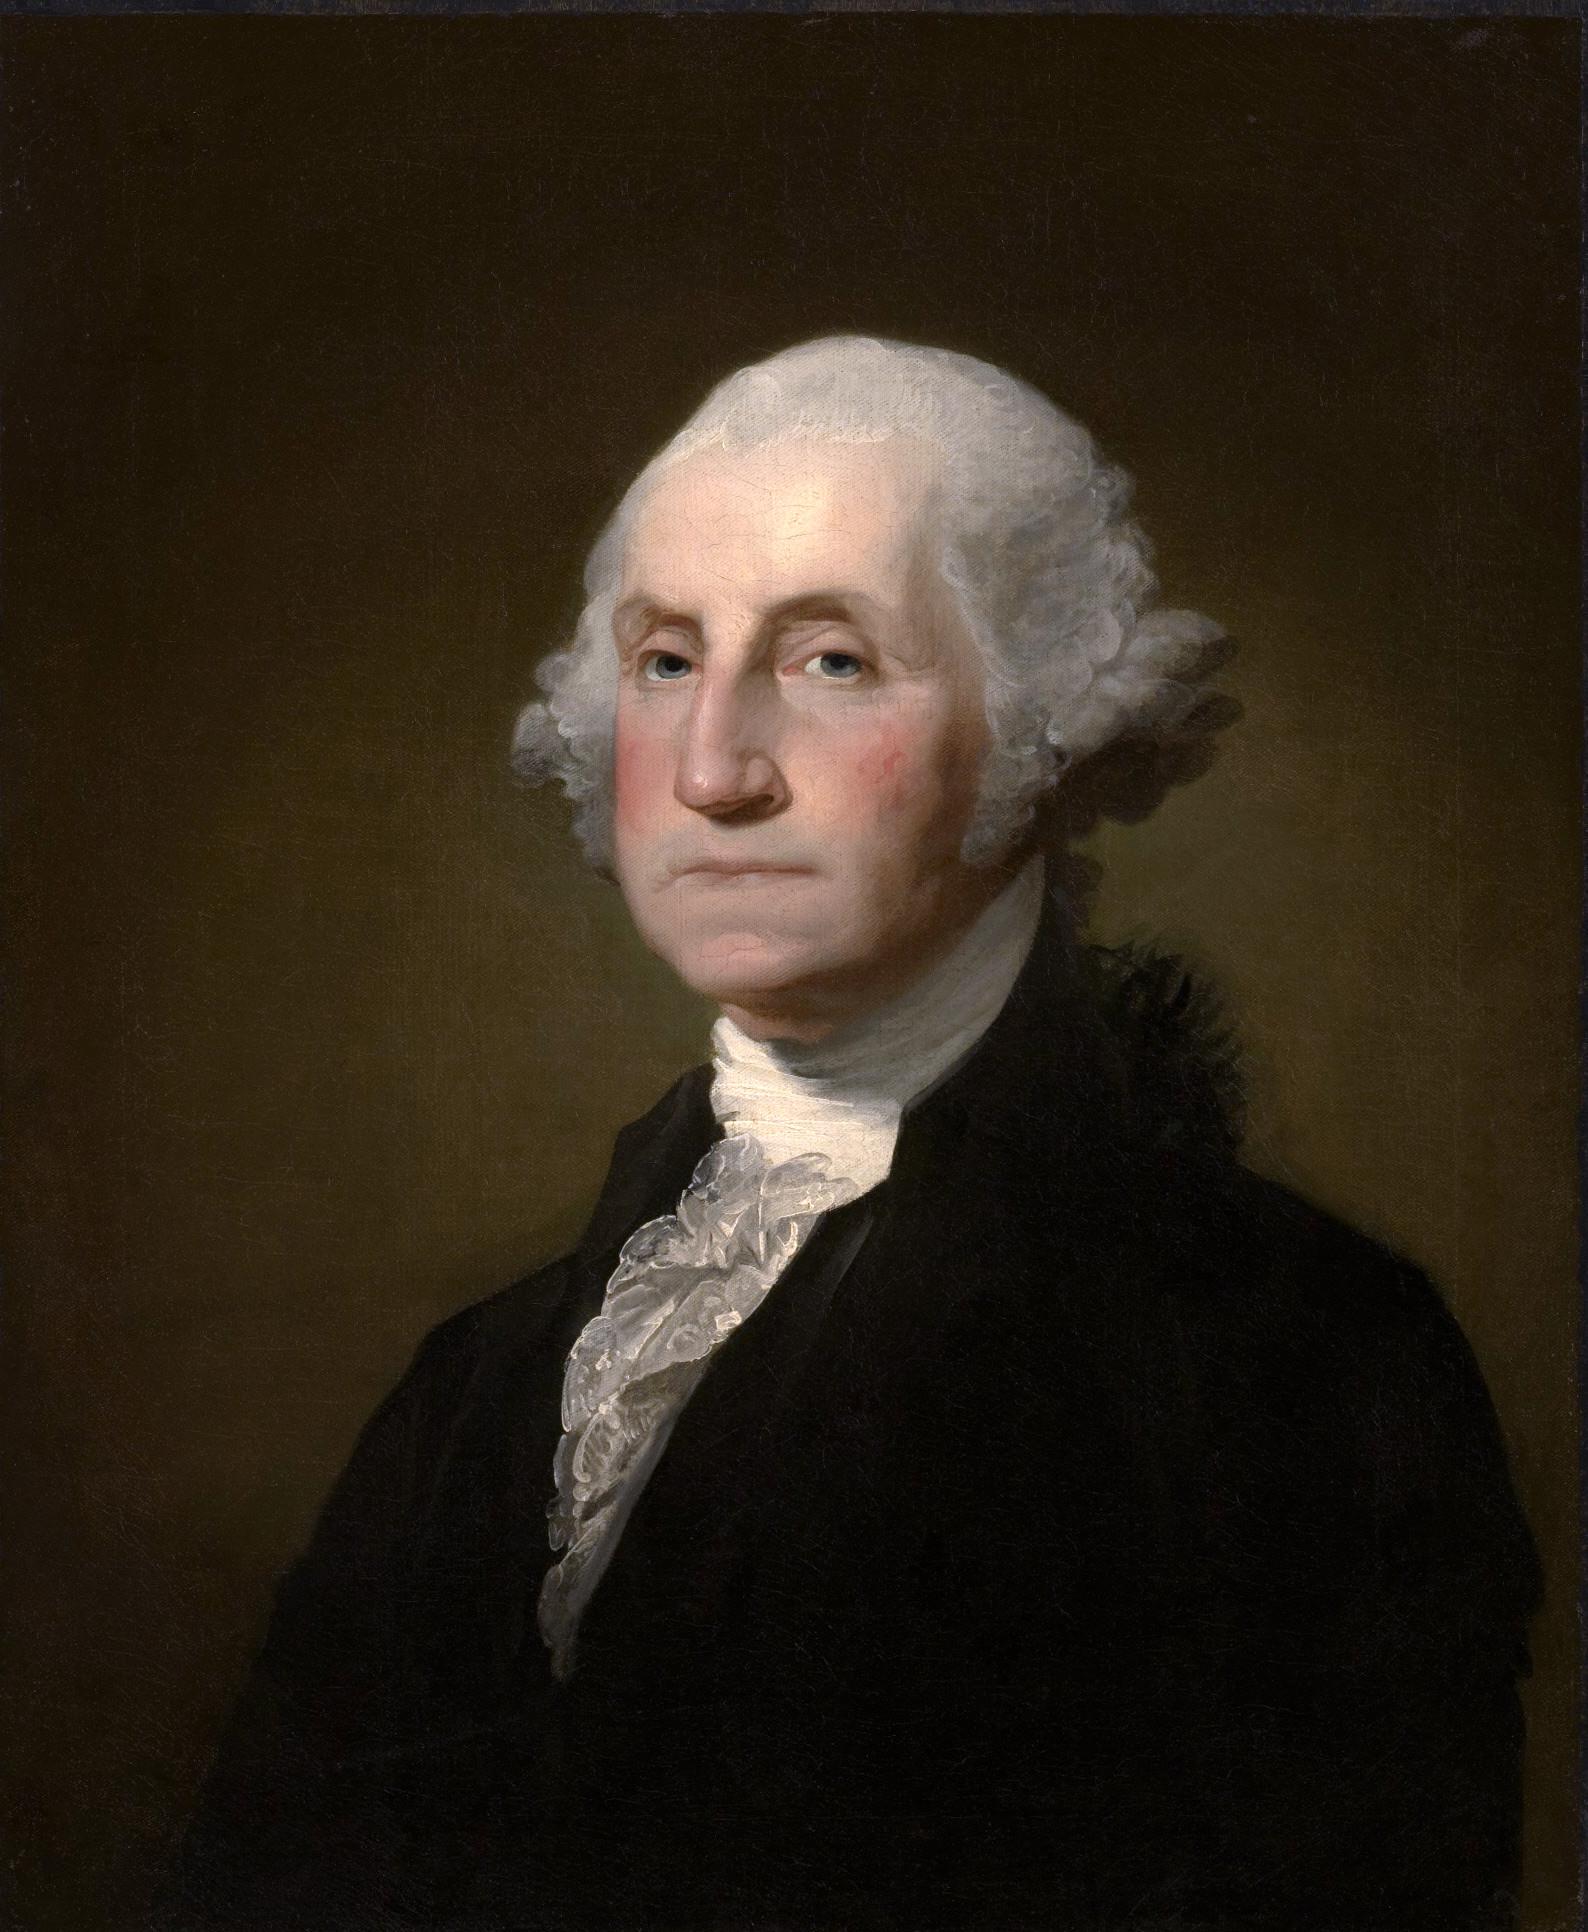 thePresidentsHallofFame - 1. George Washington, 1789-1797